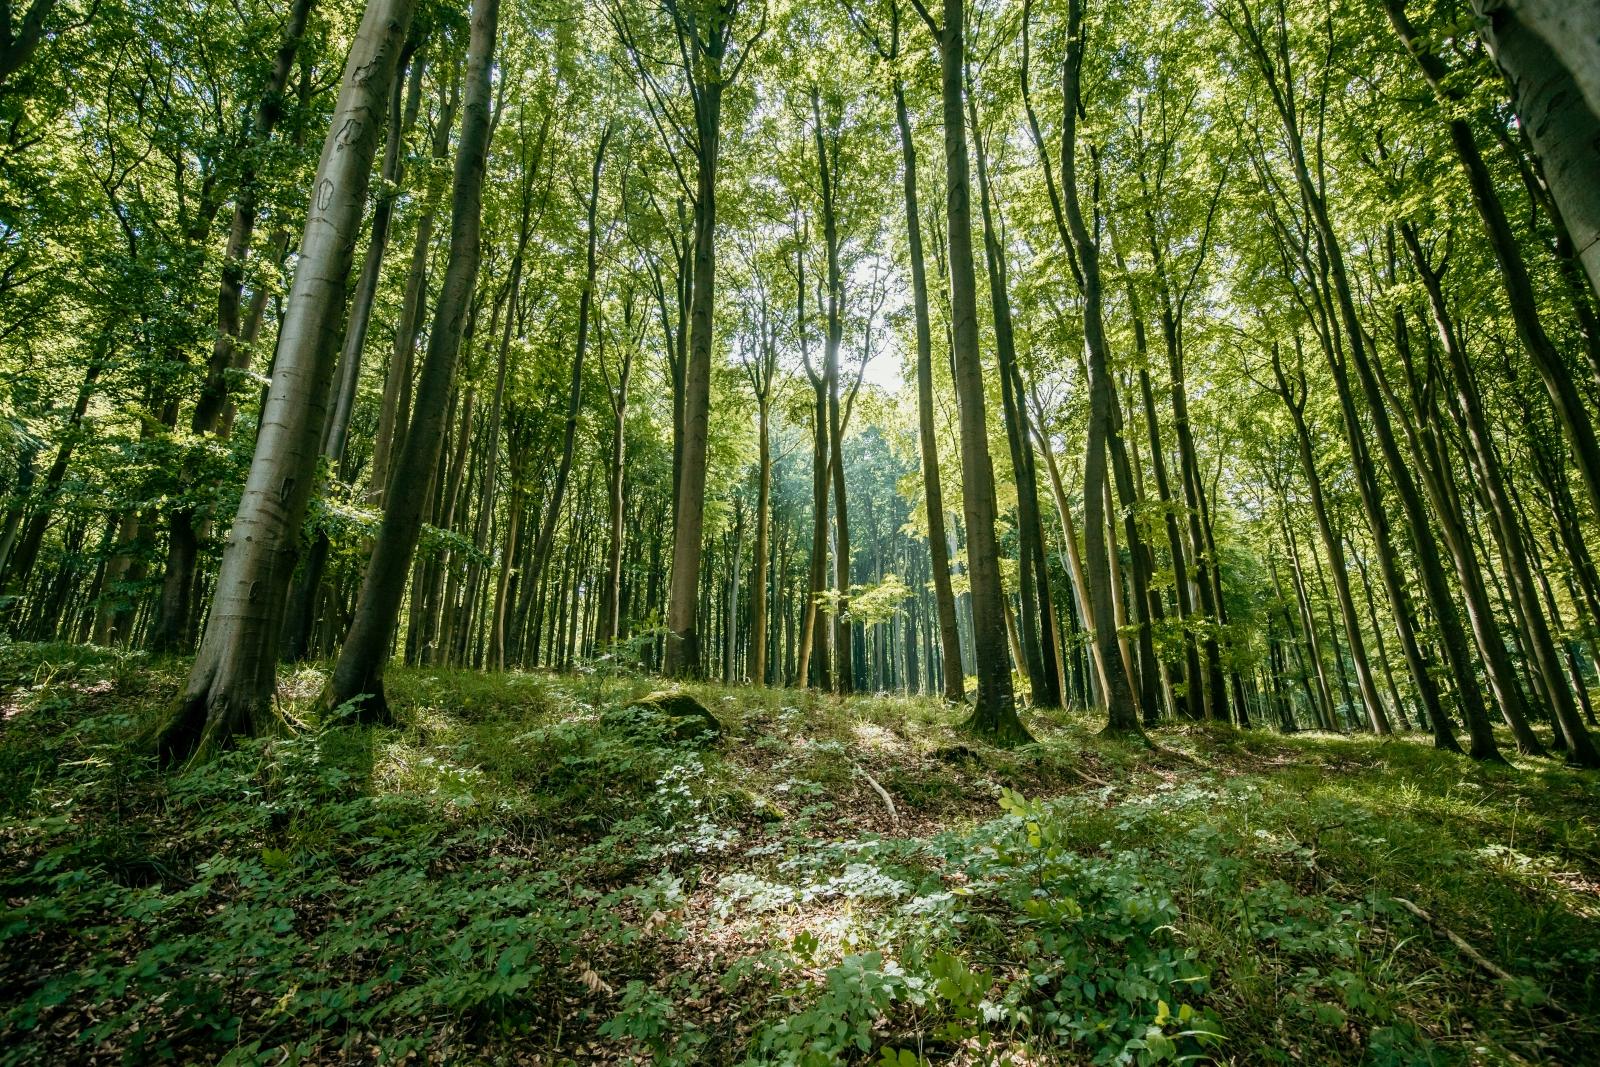 Eine Aufnahme von einem grünen Laubwald.